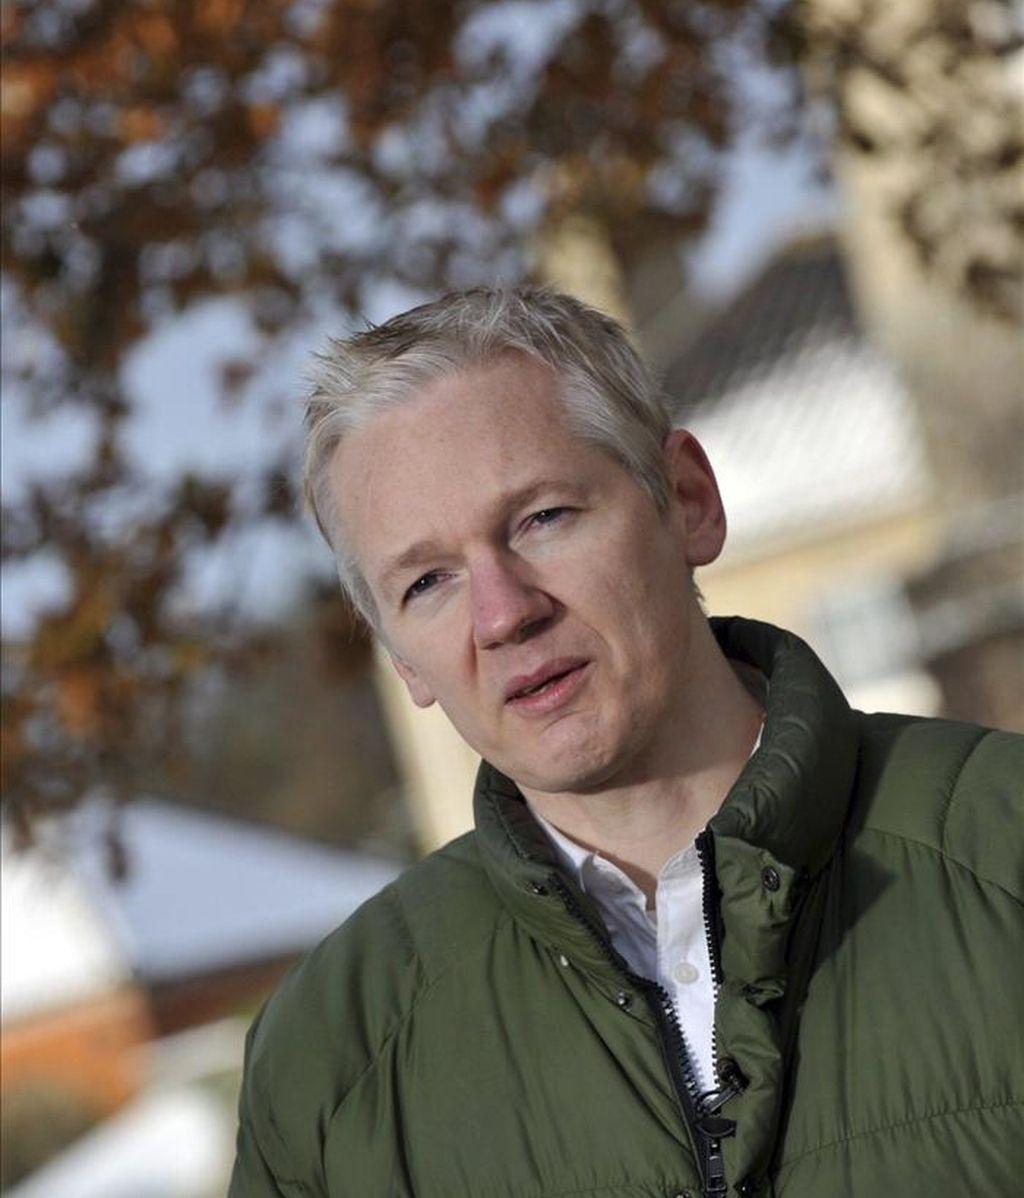 El fundador de WikiLeaks, Julian Assange, ofrece una rueda de prensa al aire libre frente a la mansión de Suffolk, sureste de Inglaterra, donde cumple la libertad condicional impuesta por un tribunal londinense. EFE/Archivo